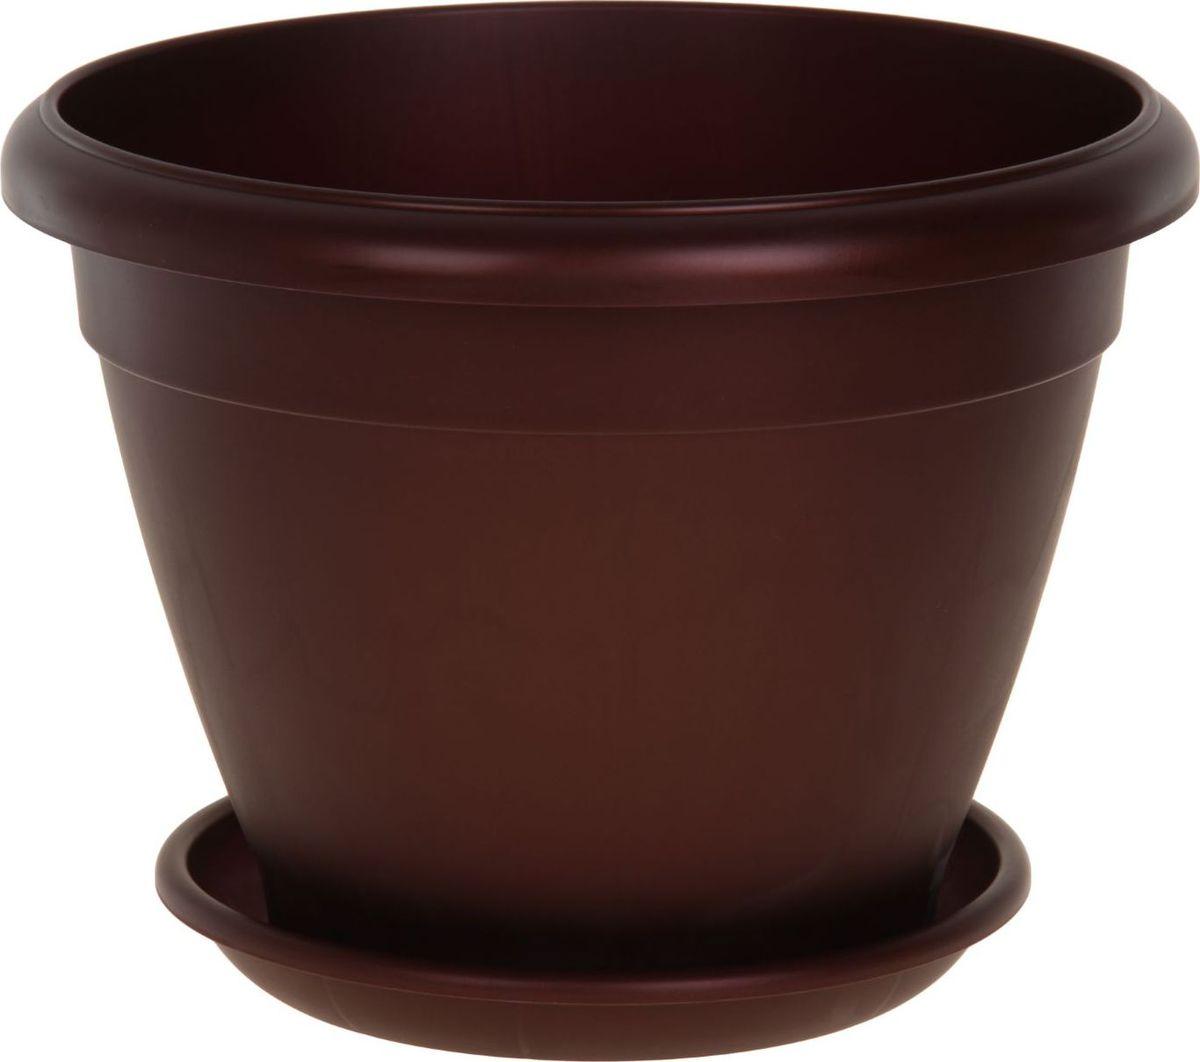 Горшок для цветов ТЕК.А.ТЕК Le Jardin, цвет: бордовый, бронзовый, 20 л1147187Любой, даже самый современный и продуманный интерьер будет не завершённым без растений. Они не только очищают воздух и насыщают его кислородом, но и заметно украшают окружающее пространство. Такому полезному члену семьи просто необходимо красивое и функциональное кашпо, оригинальный горшок или необычная ваза! Мы предлагаем - Горшок для цветов Le Jardin, d=45 см, цвет бордовый бронзовый! Оптимальный выбор материала пластмасса! Почему мы так считаем? Малый вес. С лёгкостью переносите горшки и кашпо с места на место, ставьте их на столики или полки, подвешивайте под потолок, не беспокоясь о нагрузке. Простота ухода. Пластиковые изделия не нуждаются в специальных условиях хранения. Их легко чистить достаточно просто сполоснуть тёплой водой. Никаких царапин. Пластиковые кашпо не царапают и не загрязняют поверхности, на которых стоят. Пластик дольше хранит влагу, а значит растение реже нуждается в поливе. Пластмасса не пропускает воздух корневой системе растения не грозят резкие перепады температур. Огромный выбор форм, декора и расцветок вы без труда подберёте что-то, что идеально впишется в уже существующий интерьер. Соблюдая нехитрые правила ухода, вы можете заметно продлить срок службы горшков, вазонов и кашпо из пластика: всегда учитывайте размер кроны и корневой системы растения (при разрастании большое растение способно повредить маленький горшок)берегите изделие от воздействия прямых солнечных лучей, чтобы кашпо и горшки не выцветалидержите кашпо и горшки из пластика подальше от нагревающихся поверхностей. Создавайте прекрасные цветочные композиции, выращивайте рассаду или необычные растения, а низкие цены позволят вам не ограничивать себя в выборе.